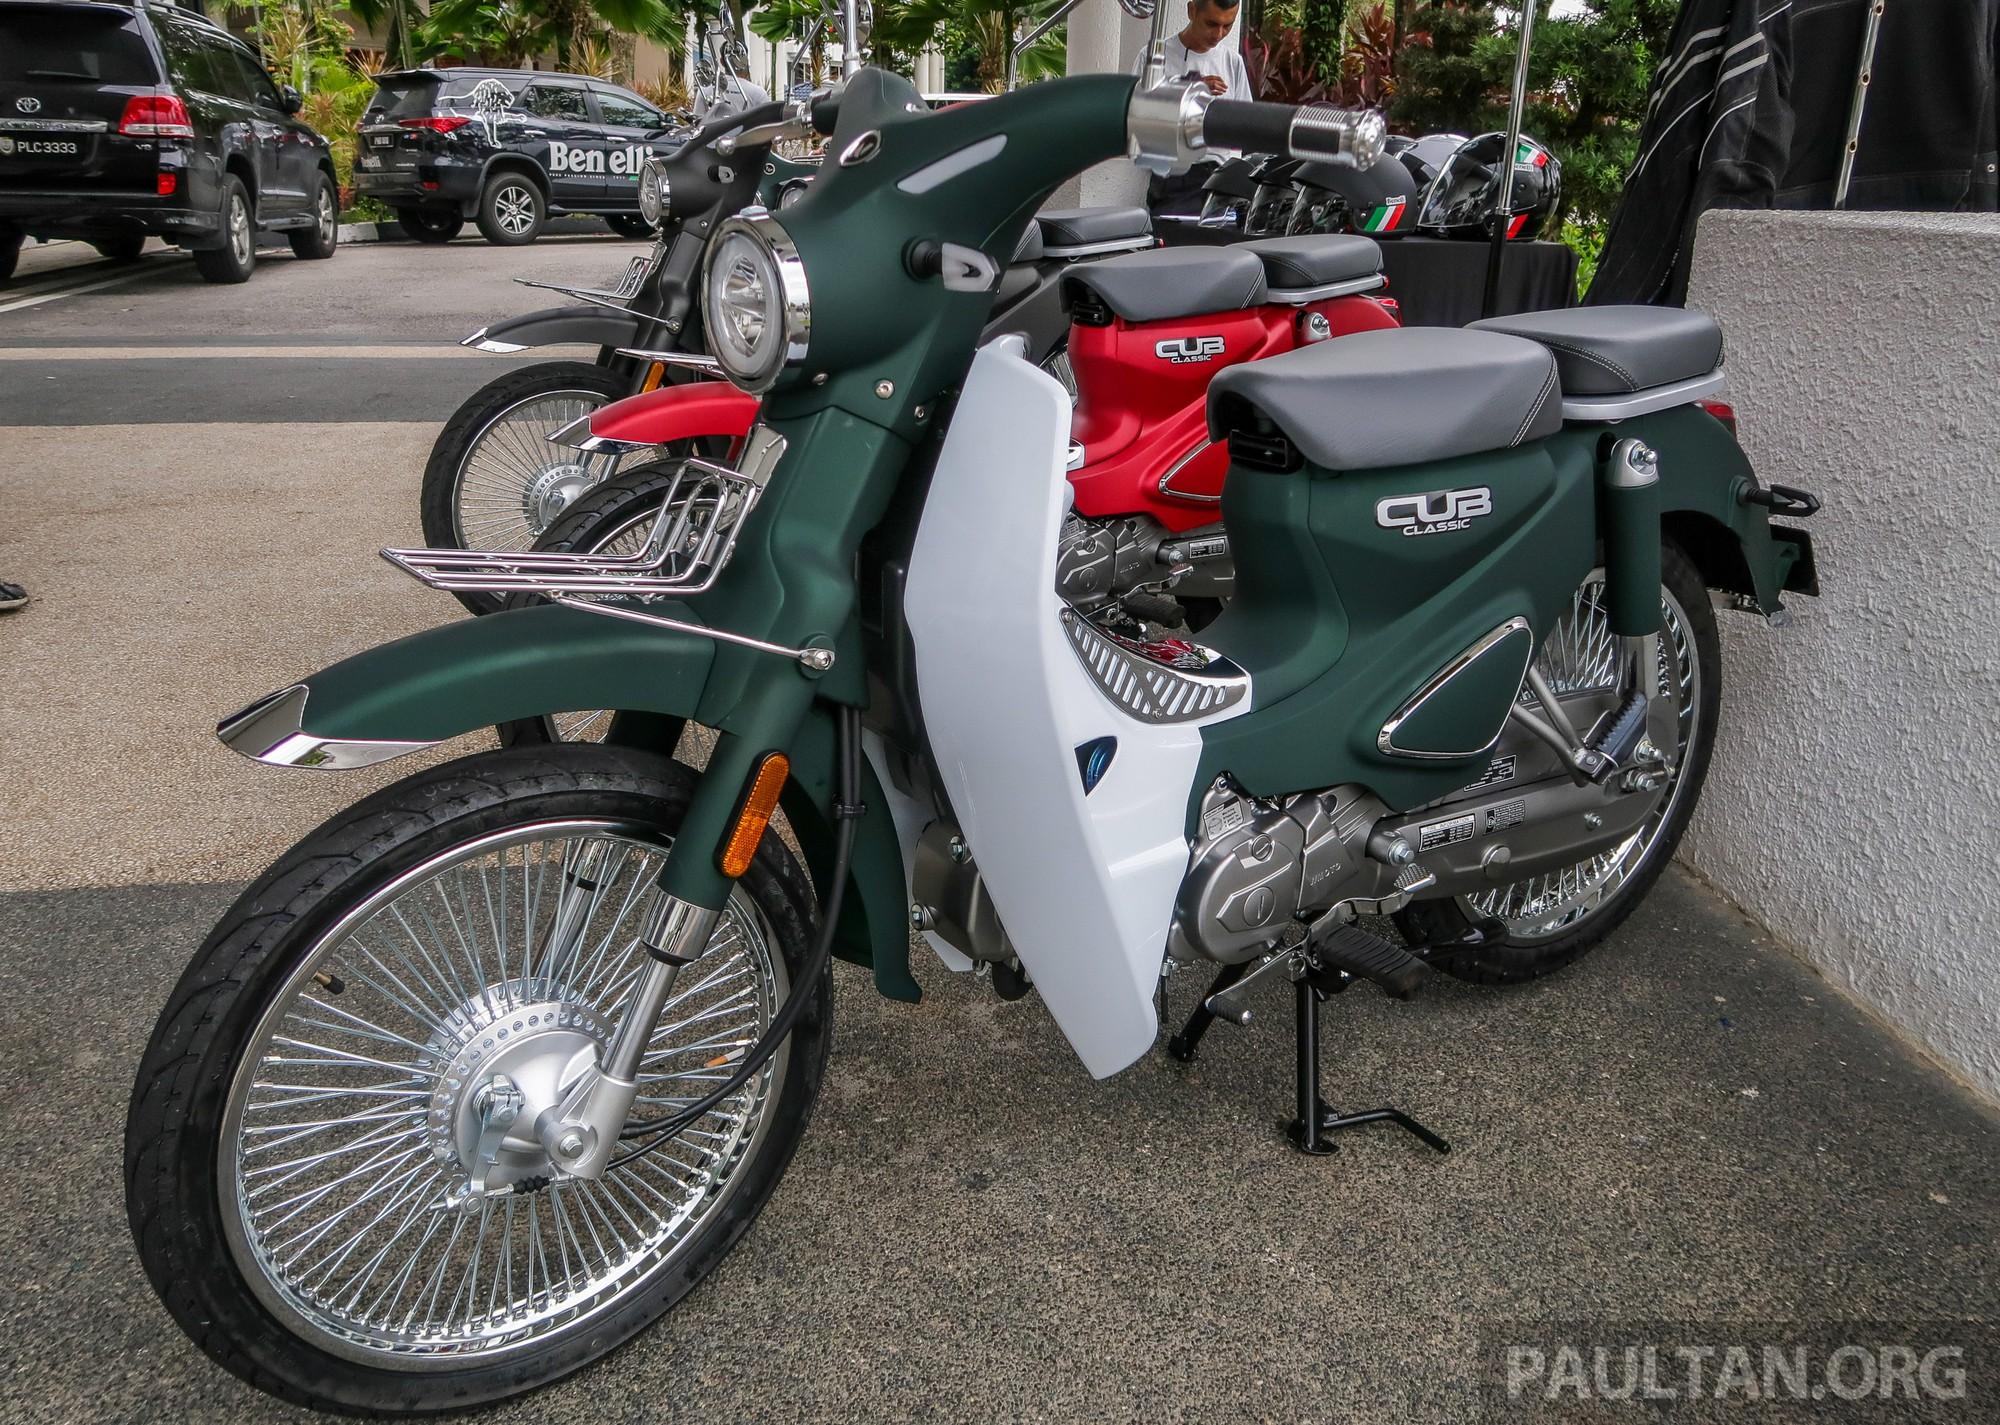 Xe máy nhái Honda Super Cub C125 ra mắt, giá 1.100 USD - Ảnh 3.